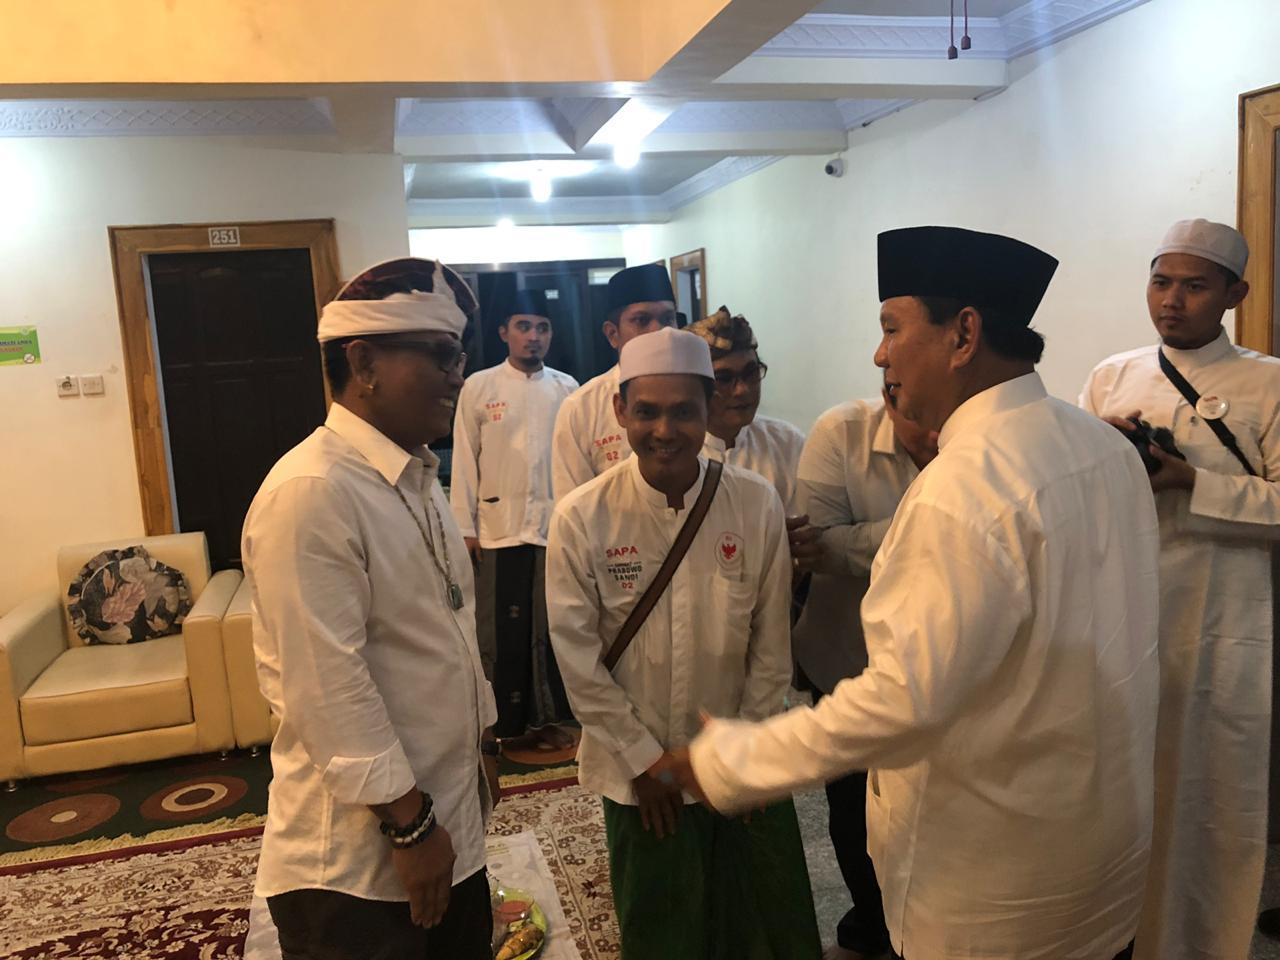 Pertemuan Mengharukan Prabowo dengan Pendukungnya yang Dipenjara 2 Bulan